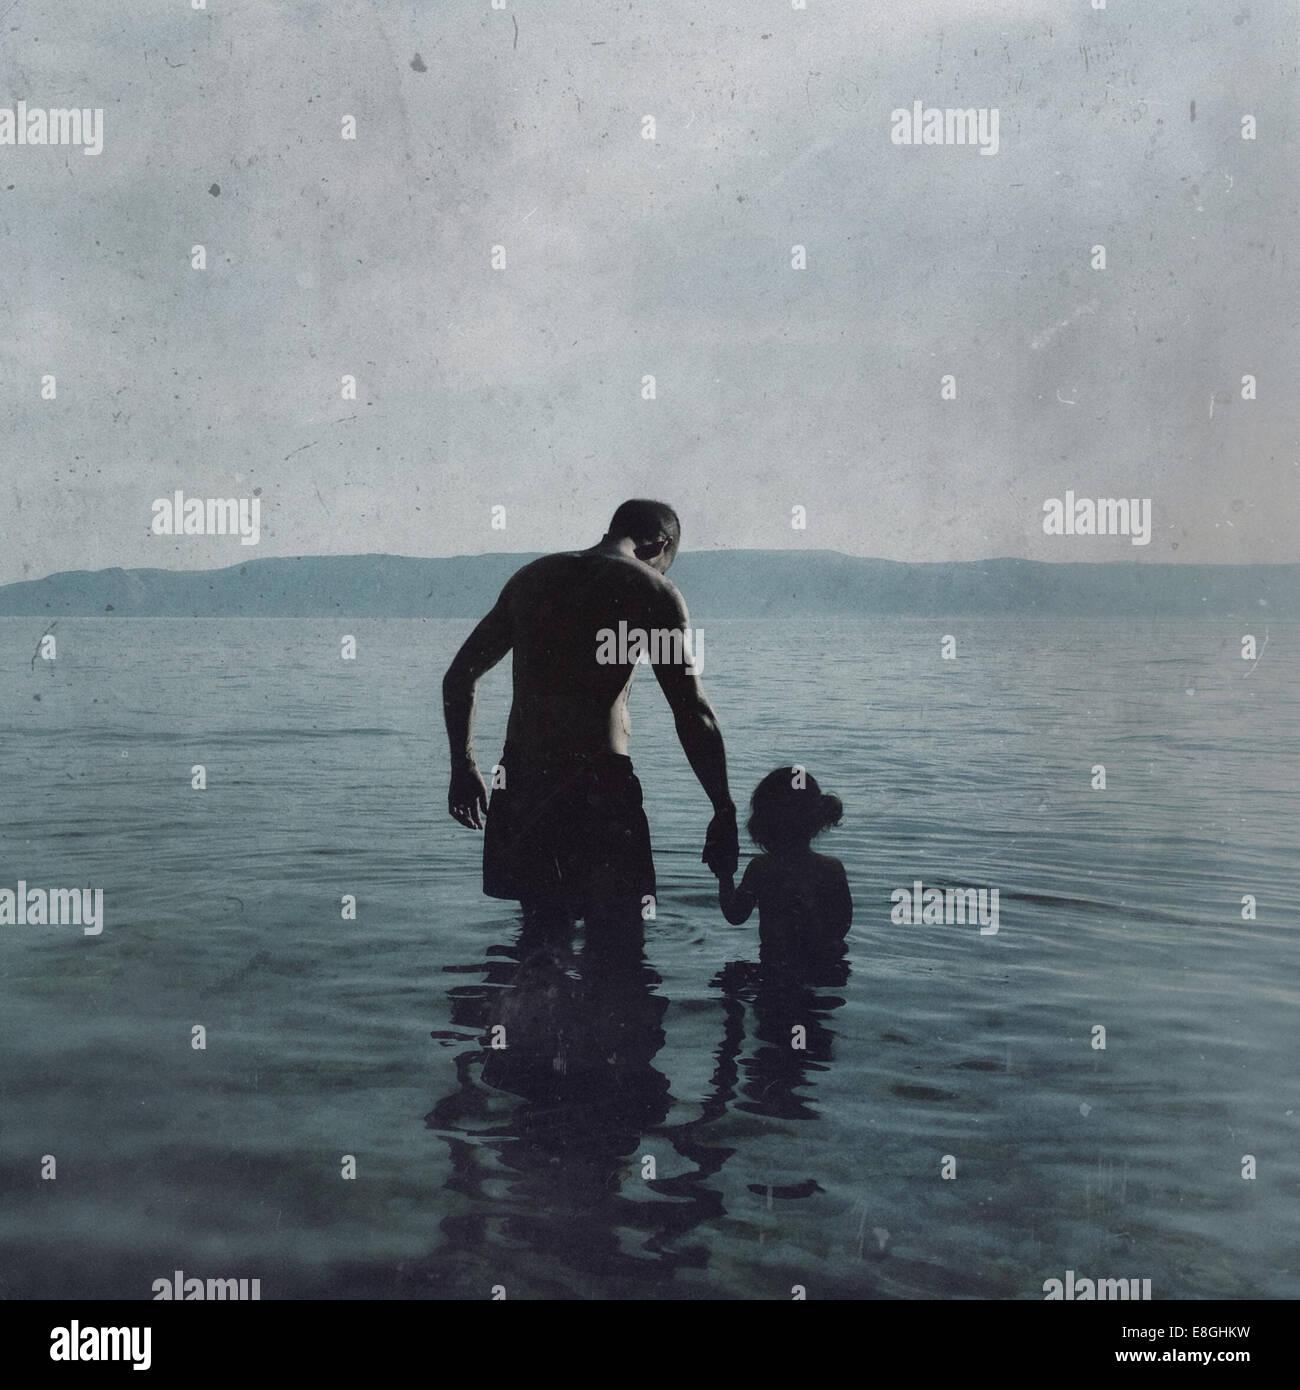 Kroatien, Vater und Tochter (2-3) waten im Meer Stockbild